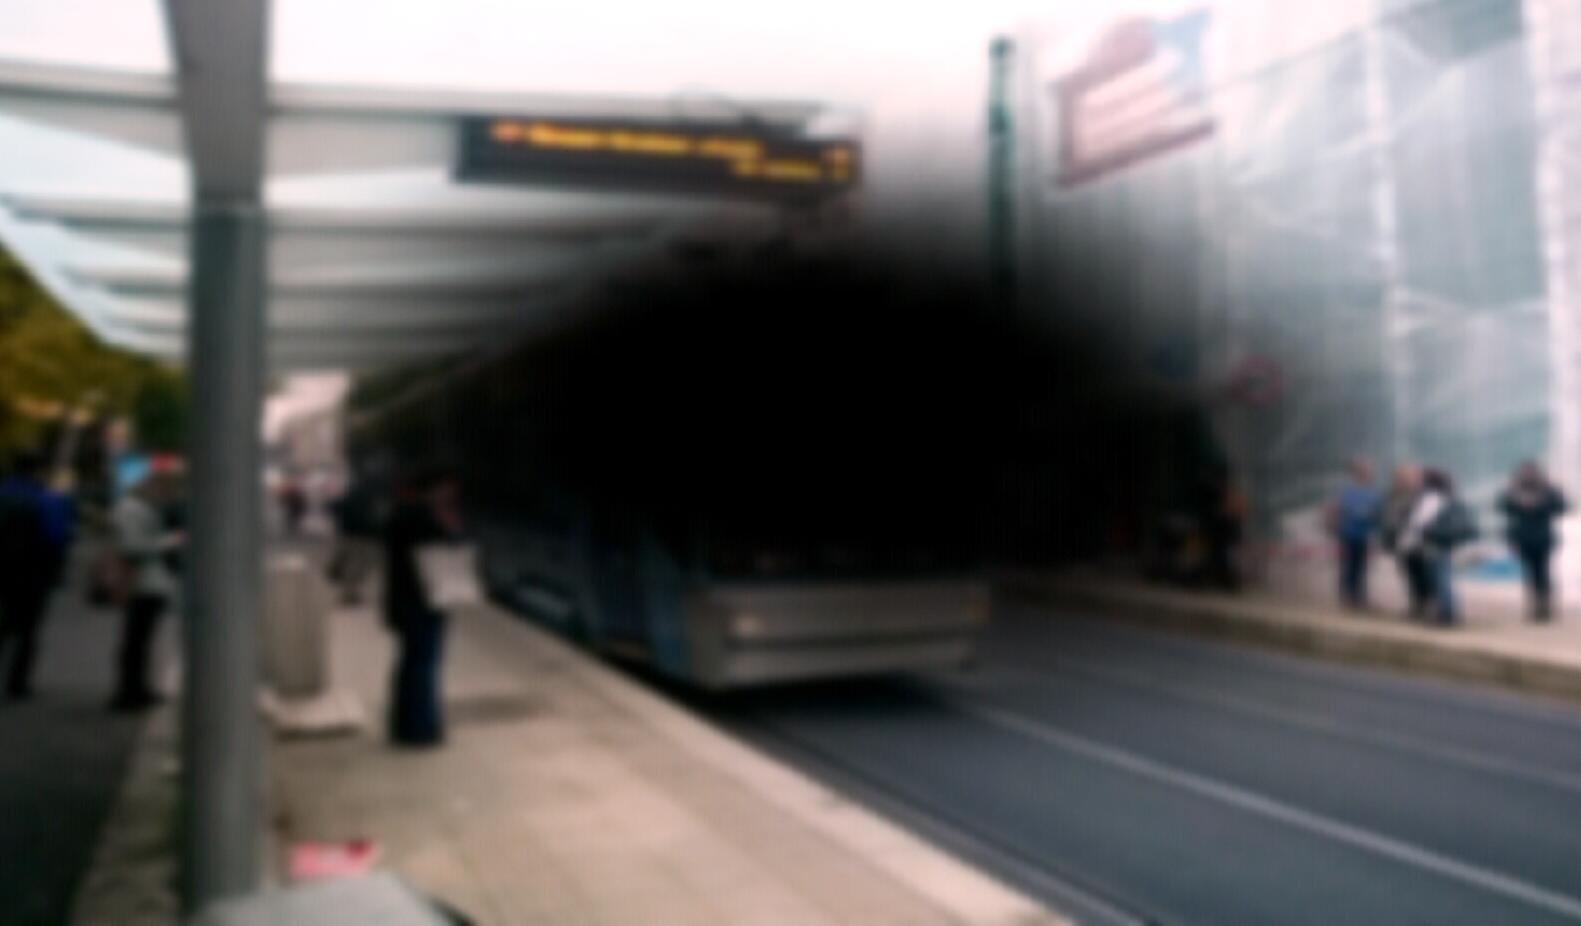 Slik kan en trafikksituasjon se ut for en person med AMD. Trikken på holdeplassen blir dekket av en mørk flekk i synsfeltet og omgivelsene er uskarpe.